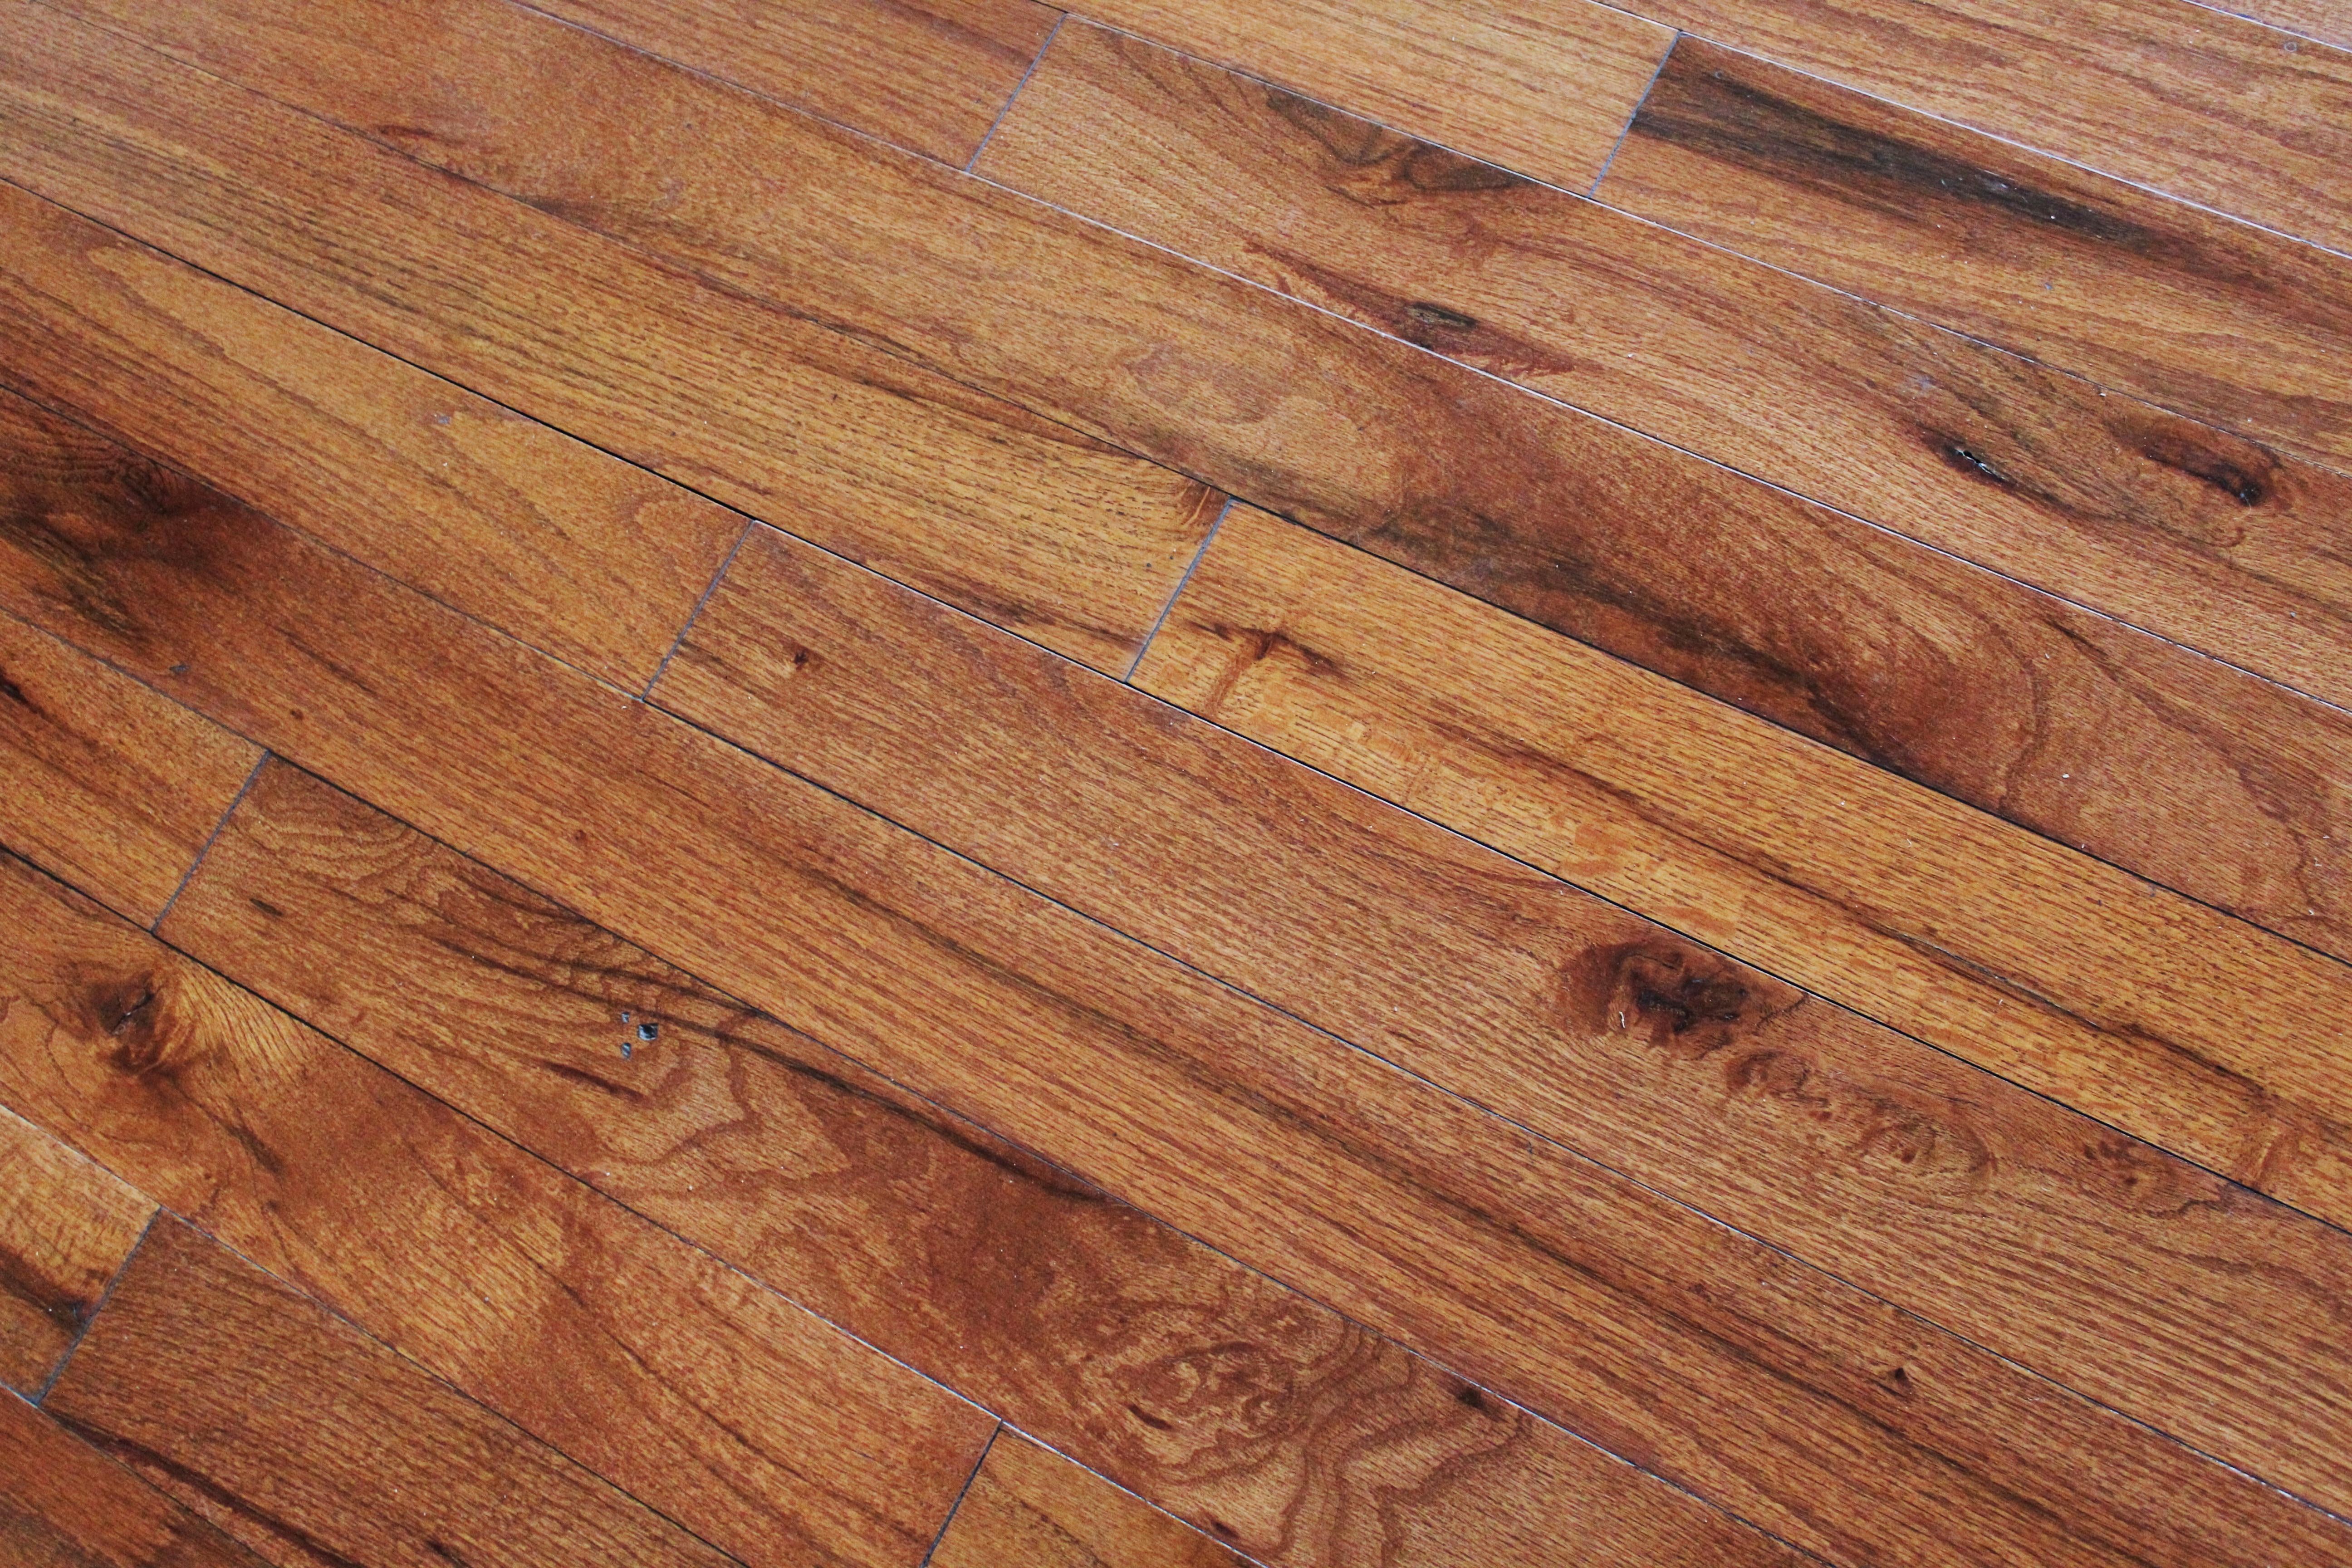 rs mayflower gunstock scene room lumber s liquidators floors flooring c x can oak